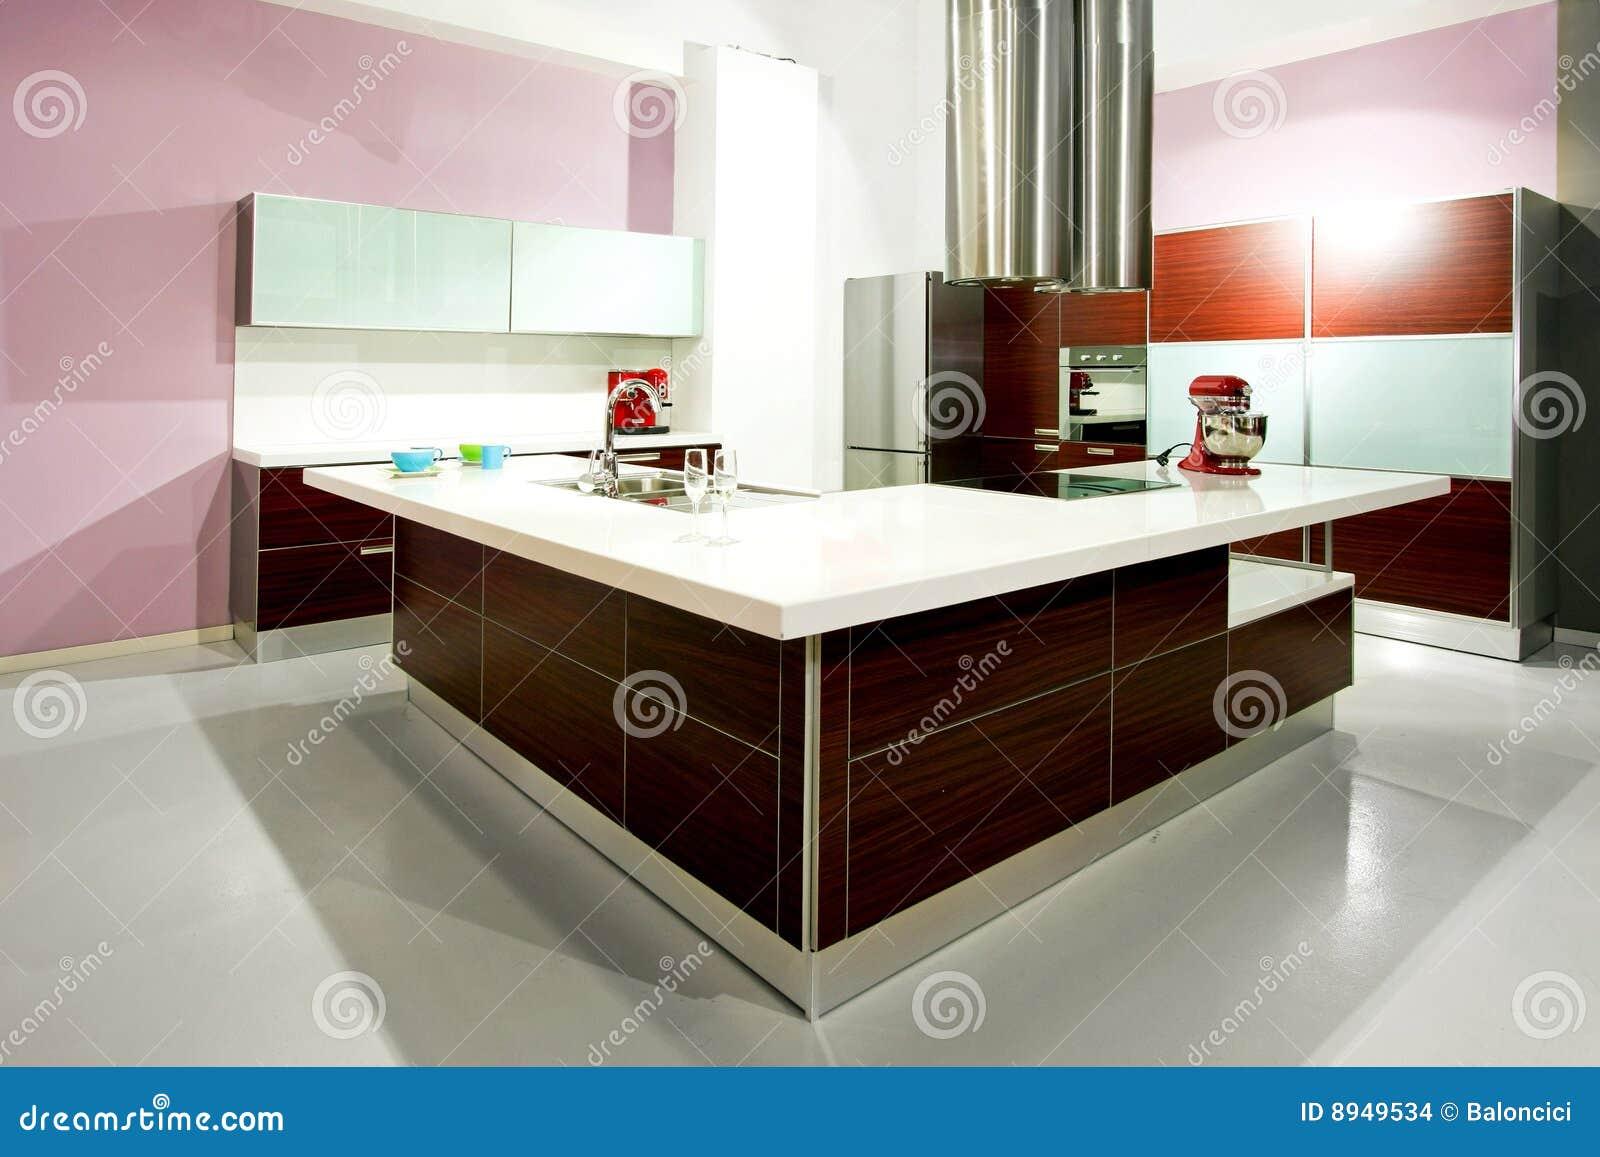 De teller van de keuken stock foto afbeelding bestaande uit toestellen 8949534 - Keuken met teller ...